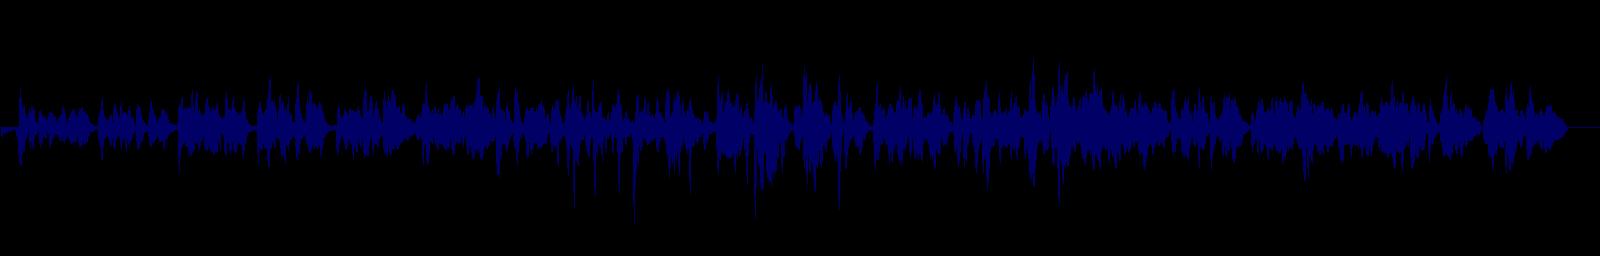 waveform of track #122372